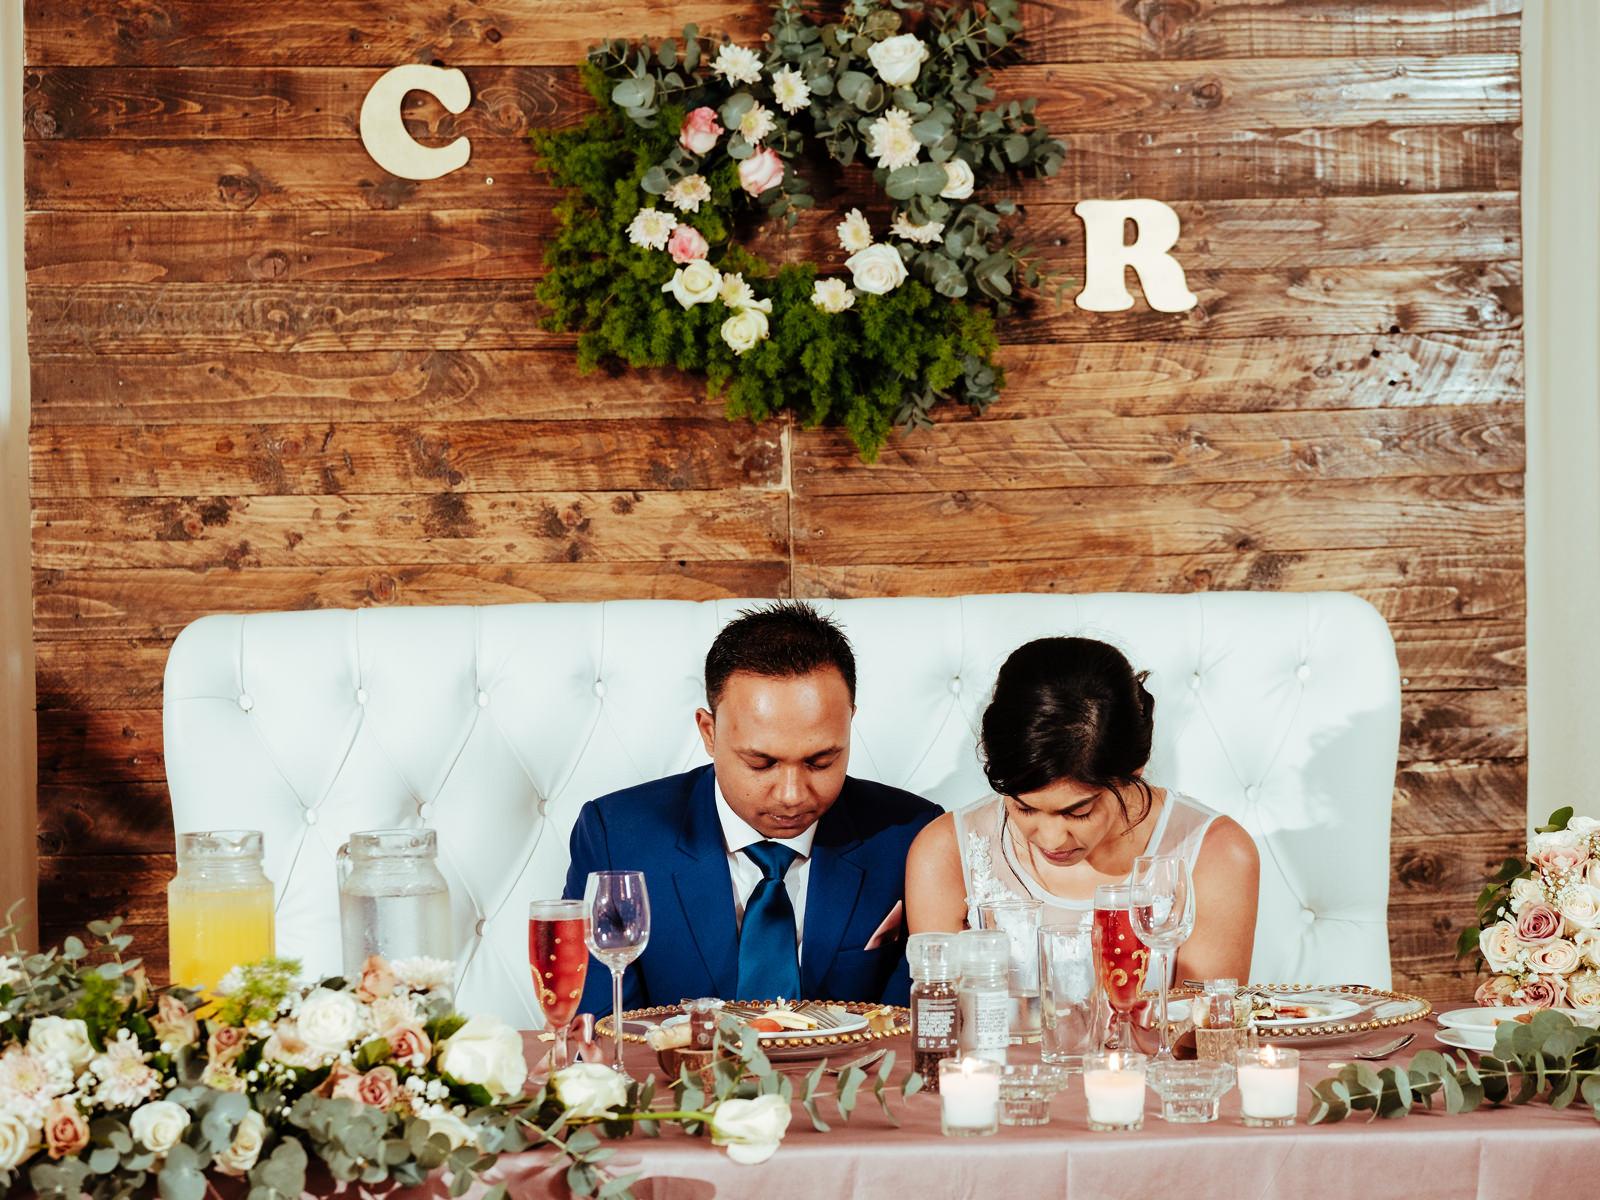 meandor manor wedding rbadal receptionmeandor manor wedding rbadal reception